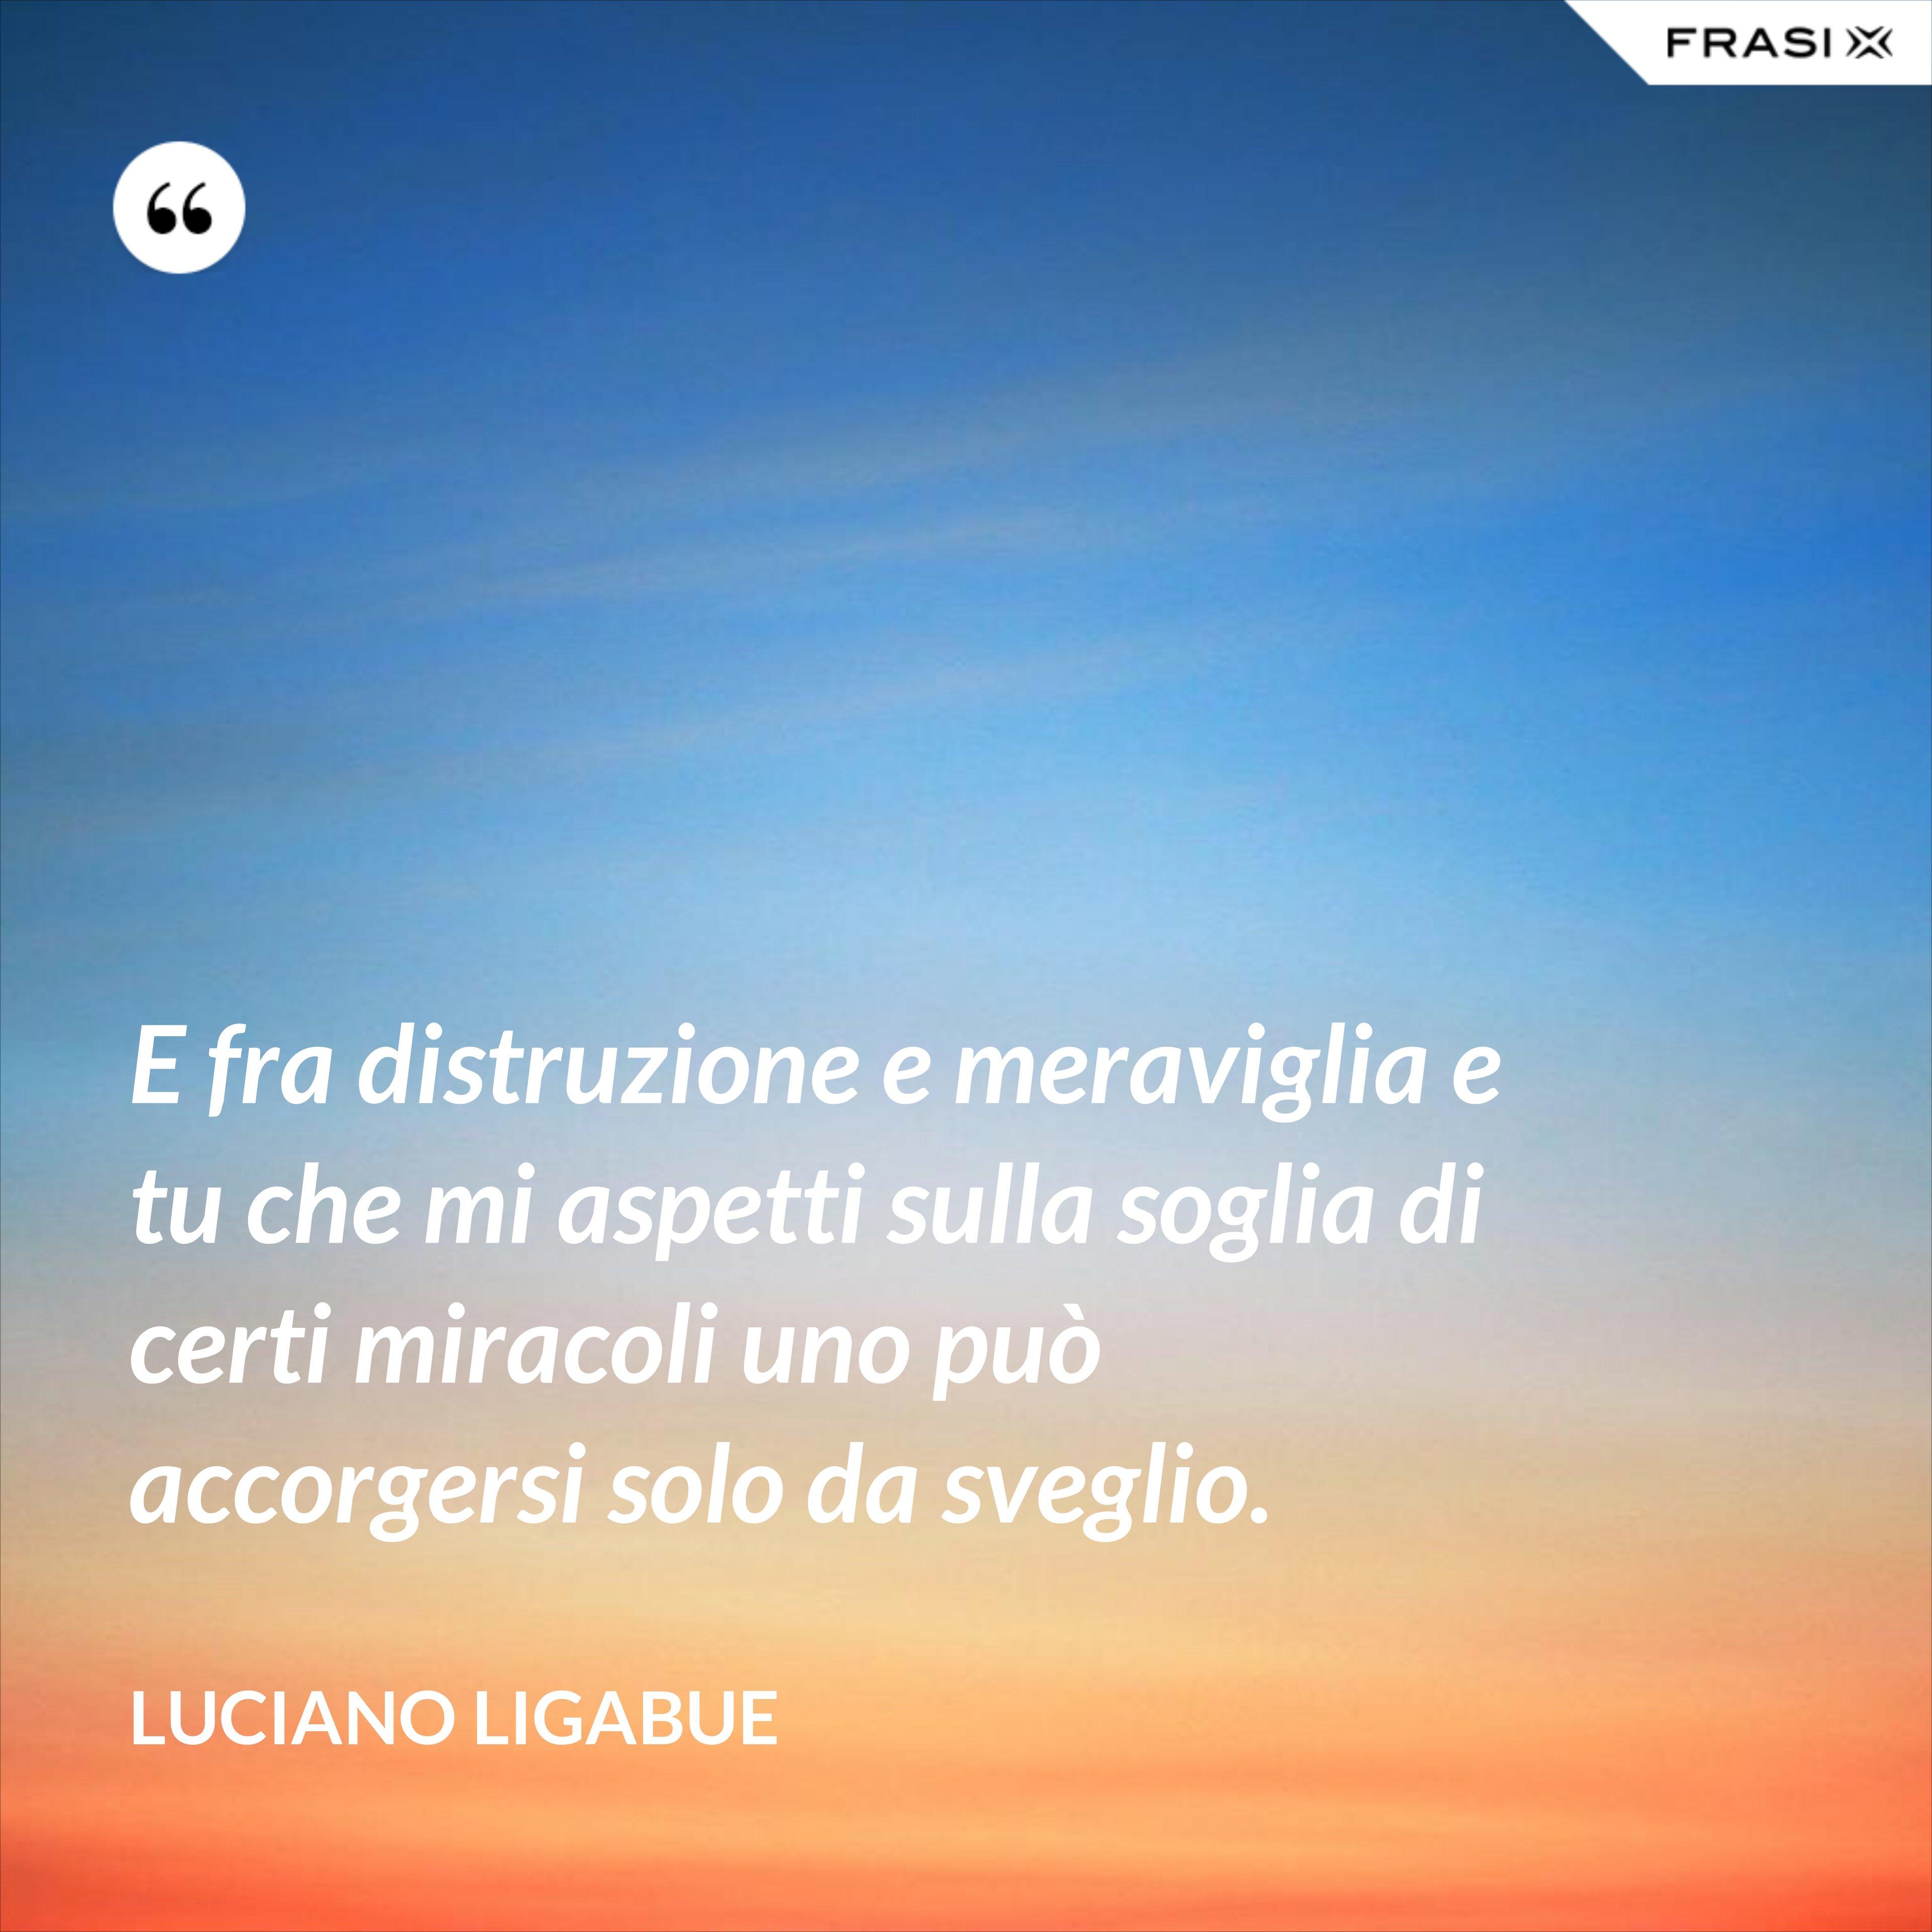 E fra distruzione e meraviglia e tu che mi aspetti sulla soglia di certi miracoli uno può accorgersi solo da sveglio. - Luciano Ligabue